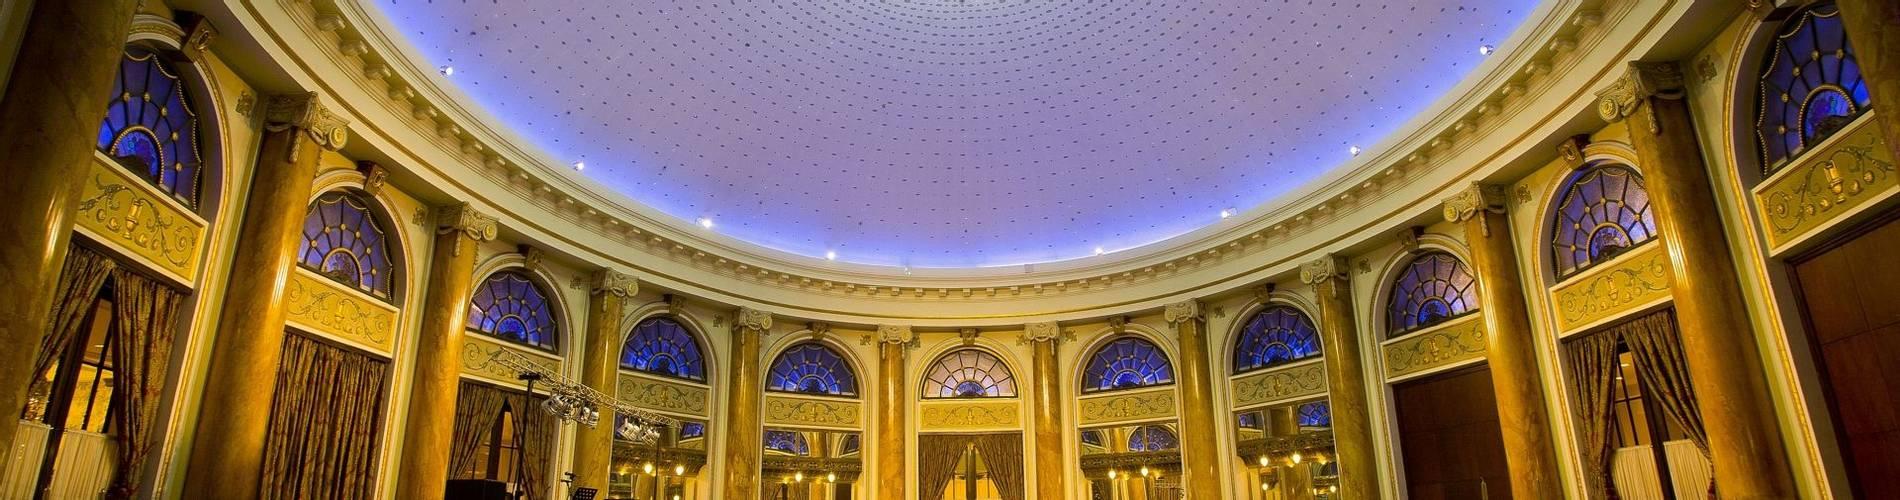 Esplanade Zagreb Hotel - Emerald Ballroom.jpg